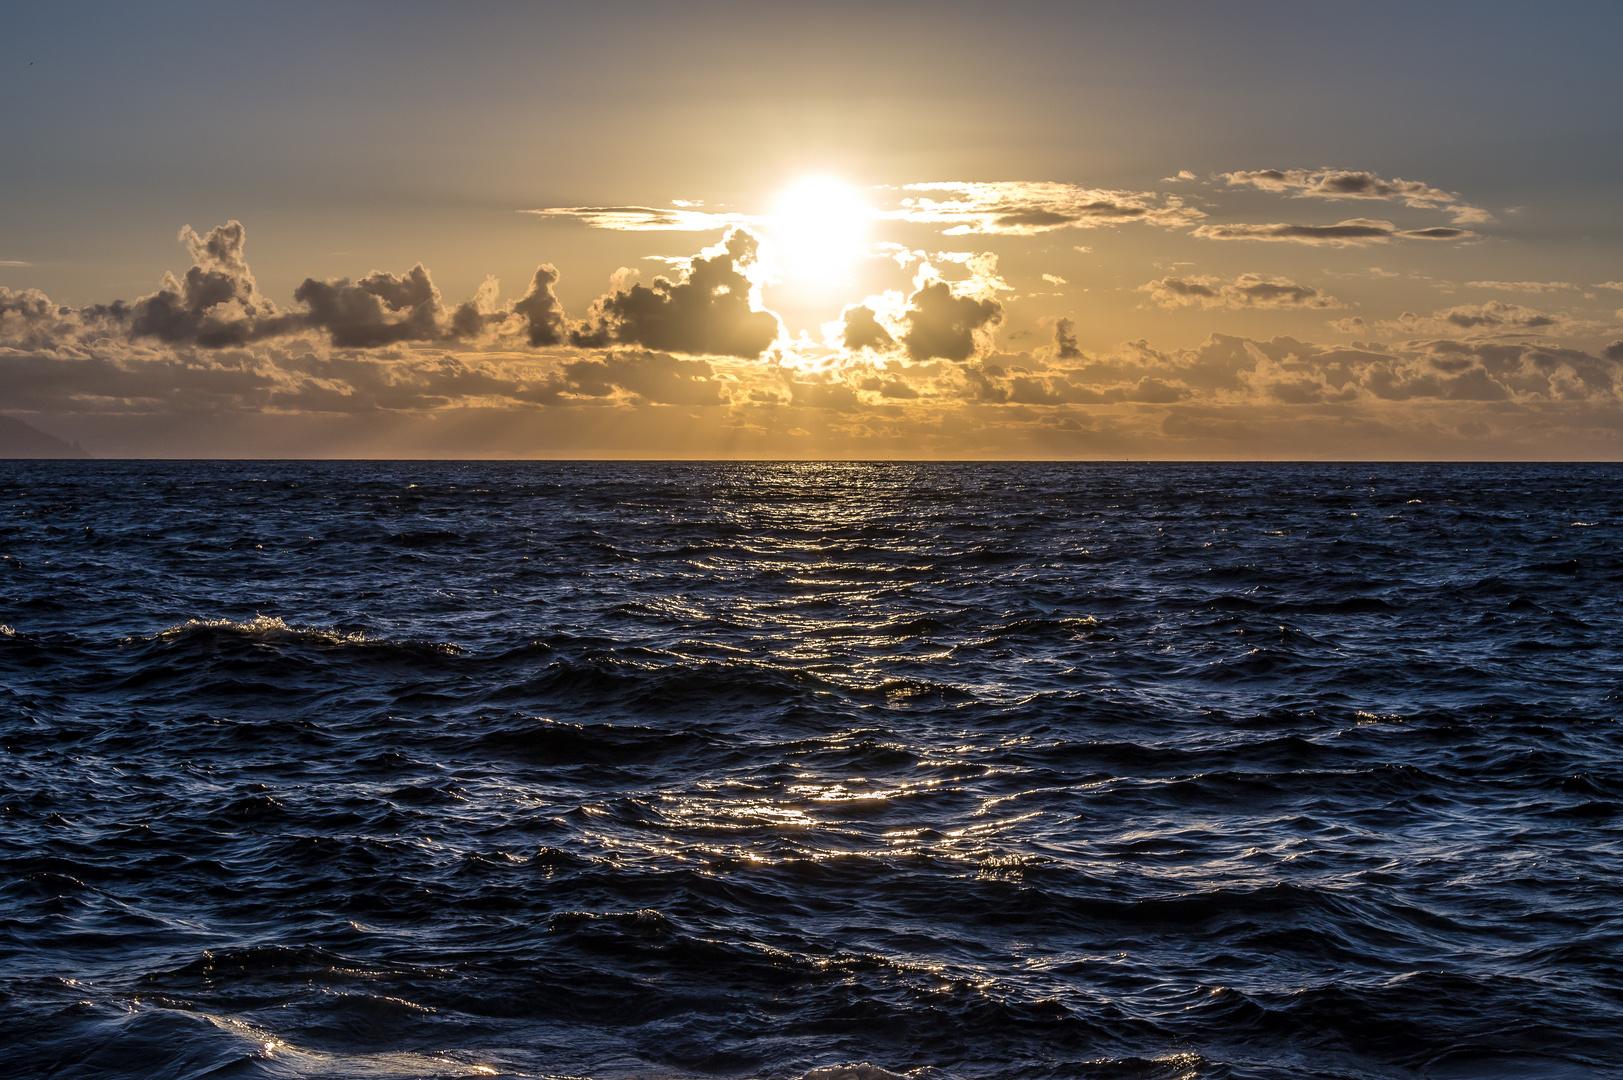 Sonnenuntergangsstimmung IV